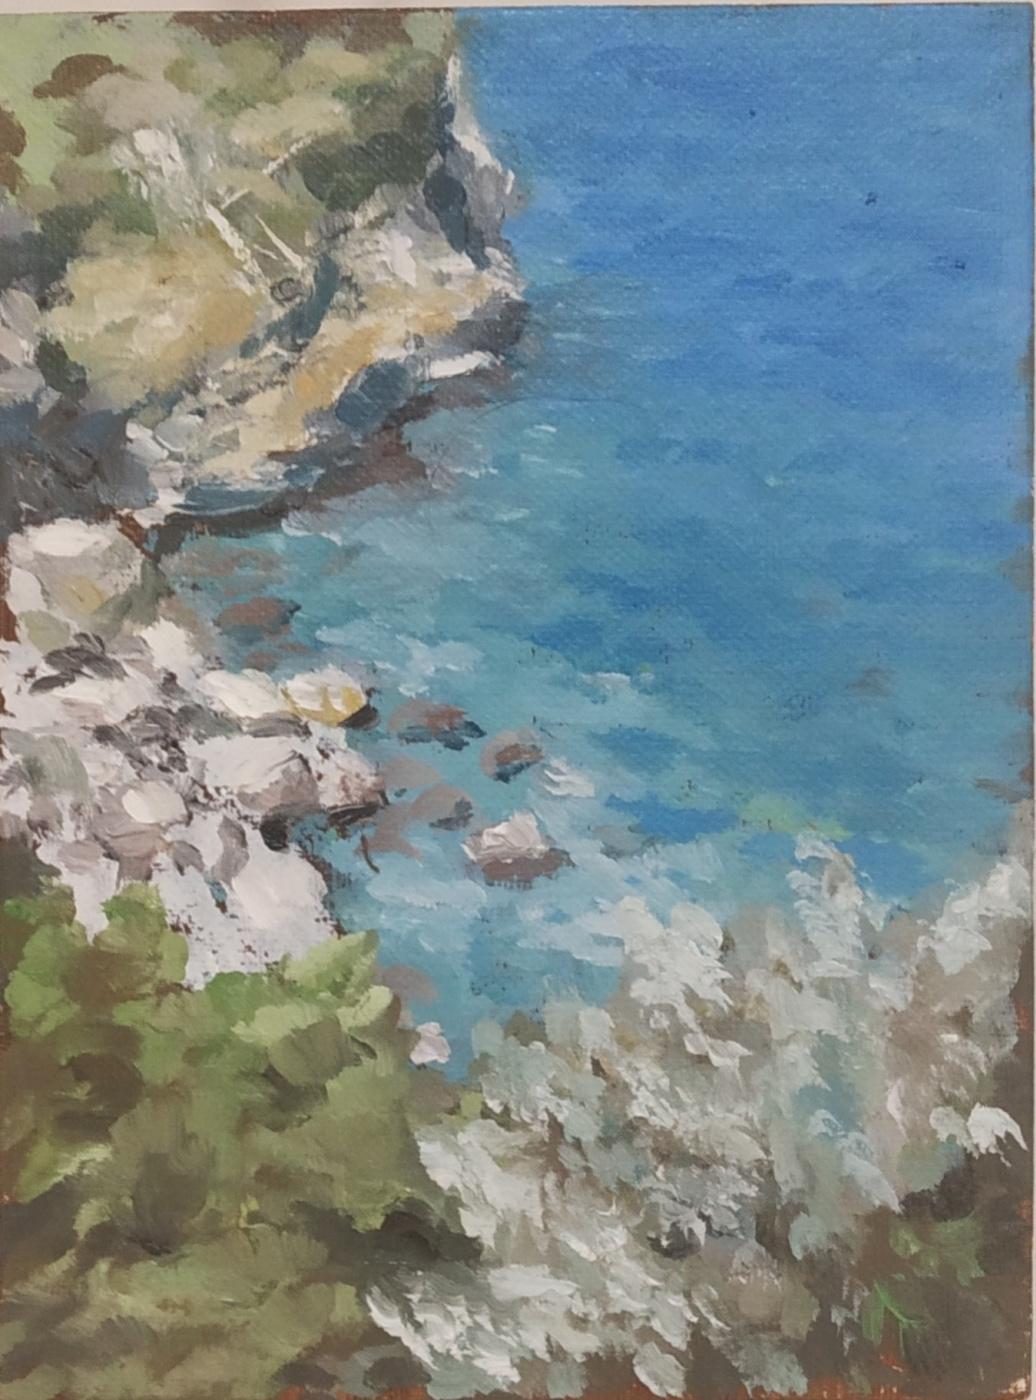 Alexandra Sergeevna Fedulova. Lipari Island. The bay